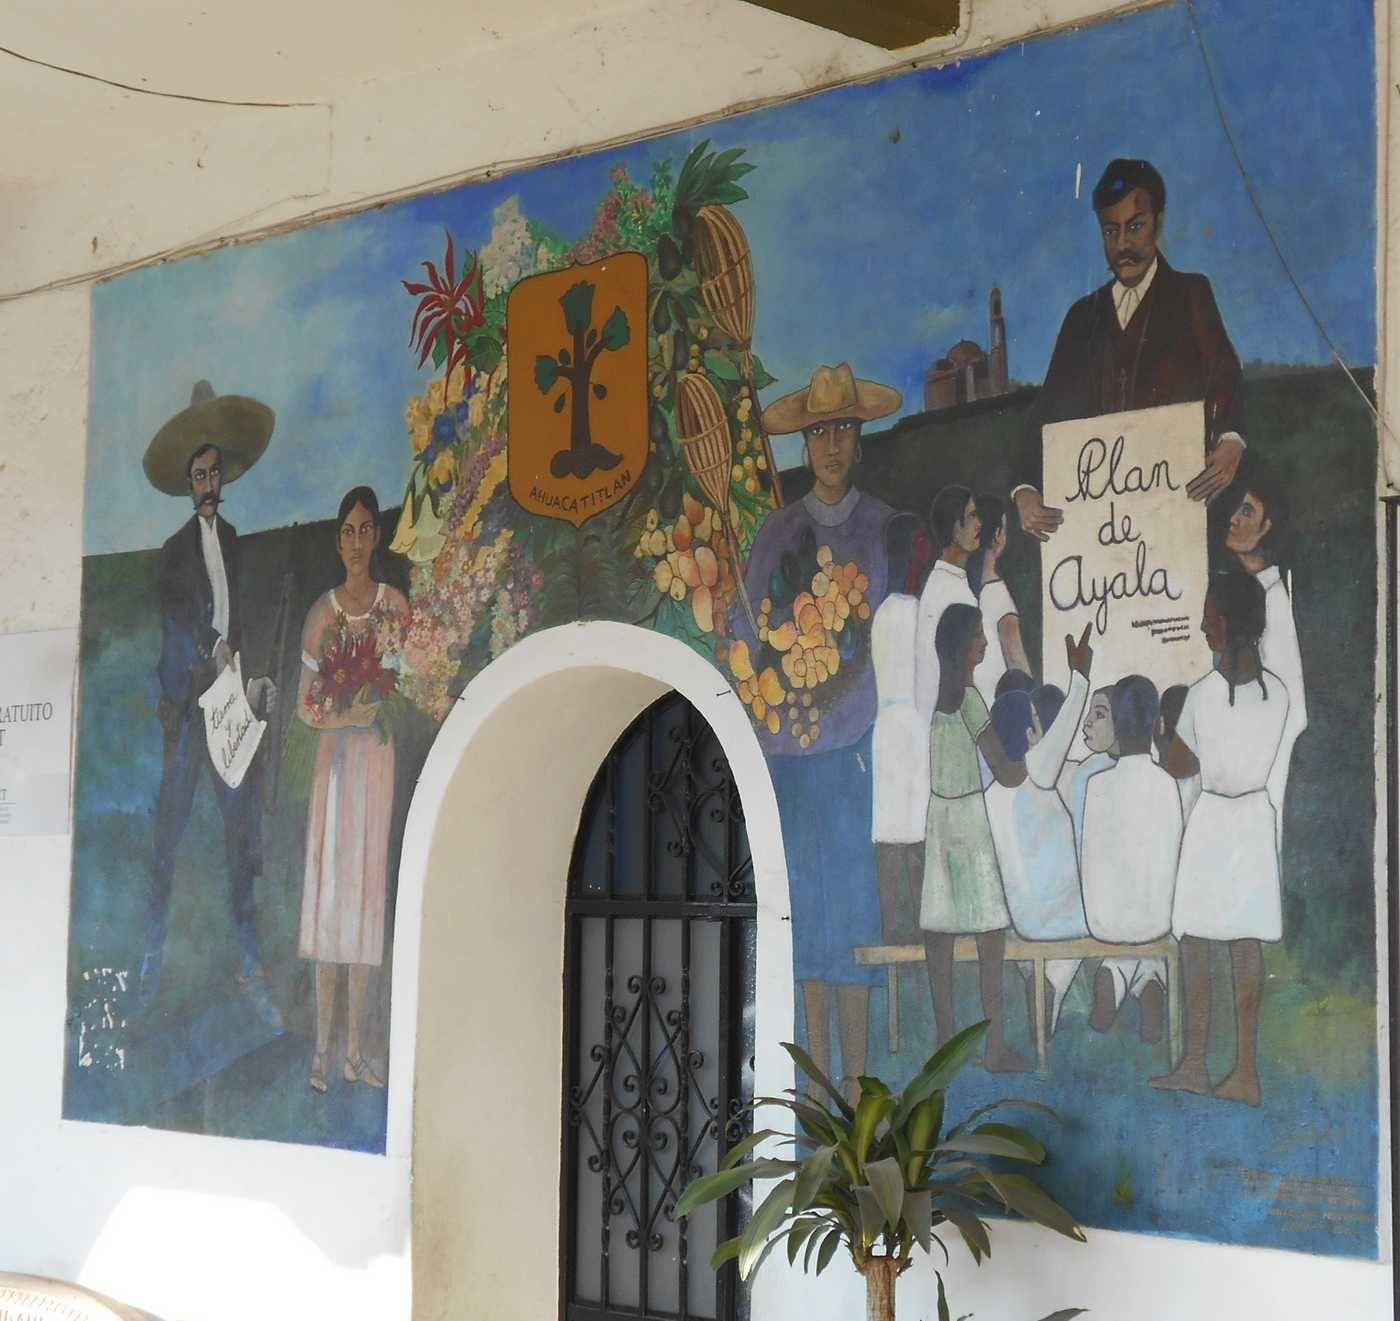 Le bâtiment municipal, ses arcades et sa peinture murale